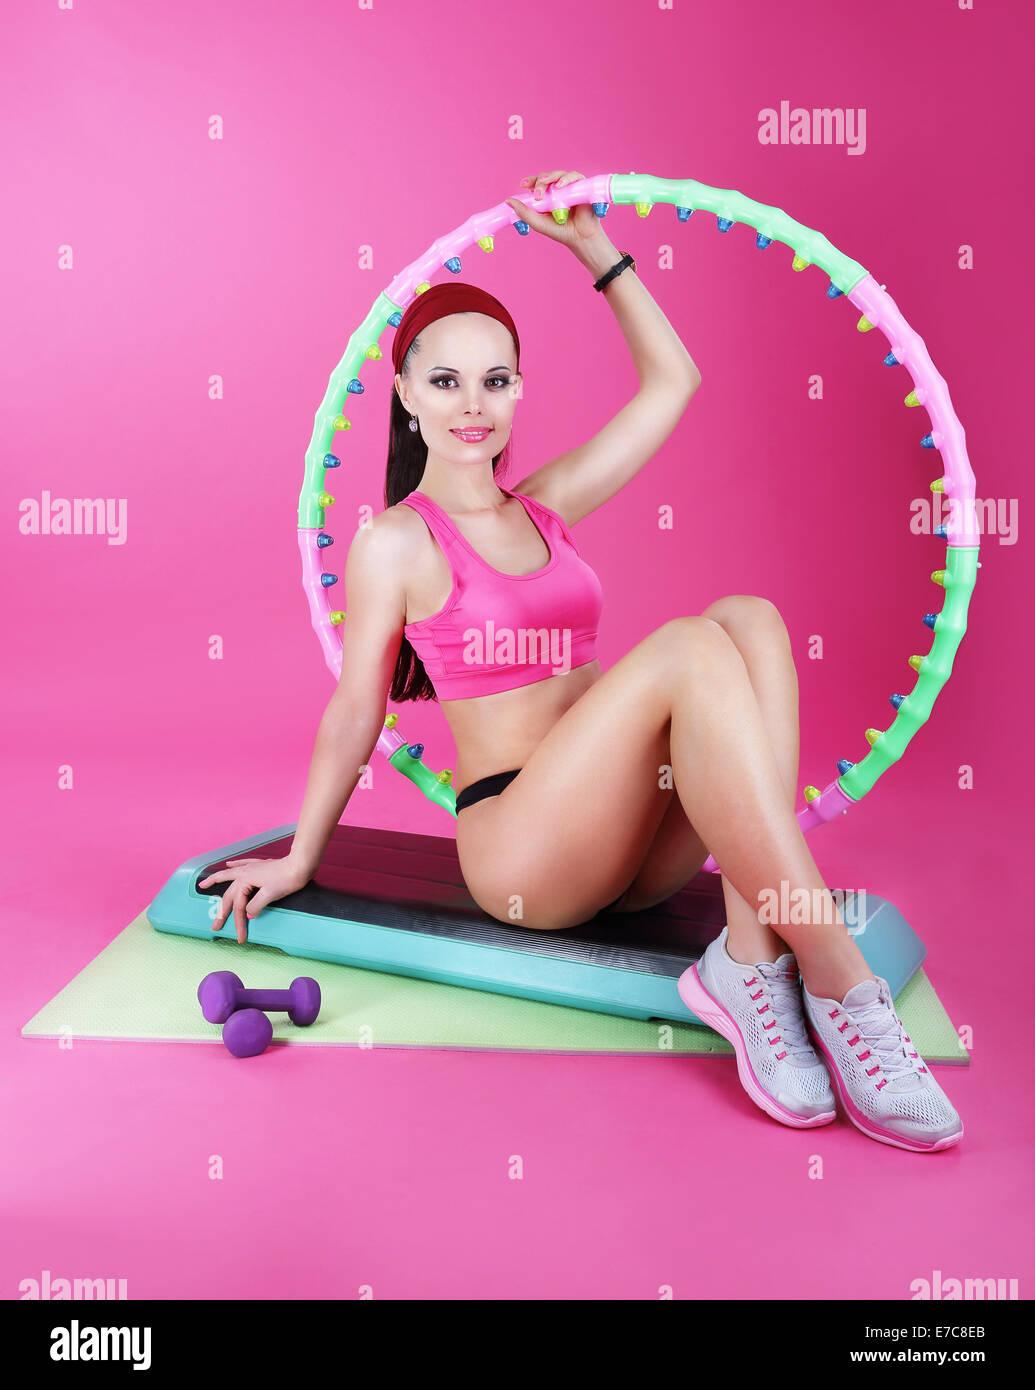 Gesunde Lebensweise. Sportliche Frau sitzt auf der Matte mit Fitnessgeräten Stockbild